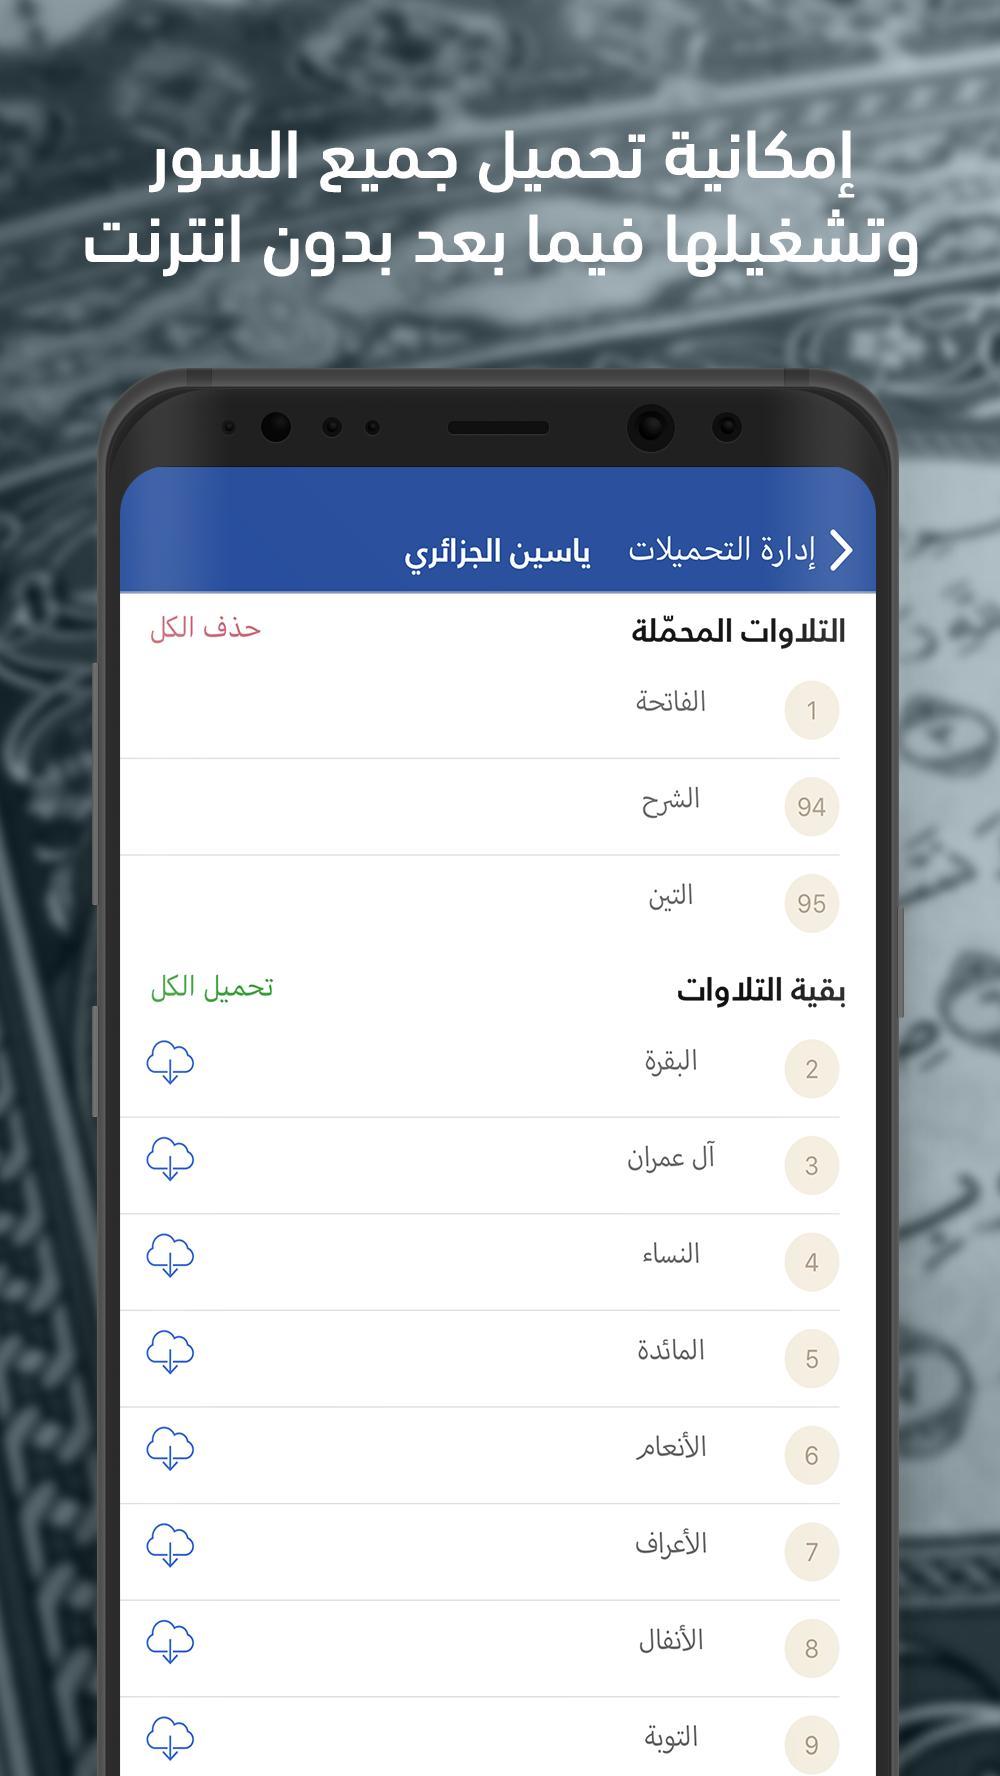 تطبيق مصحف تلاوة - رواية ورش عن نافع poster